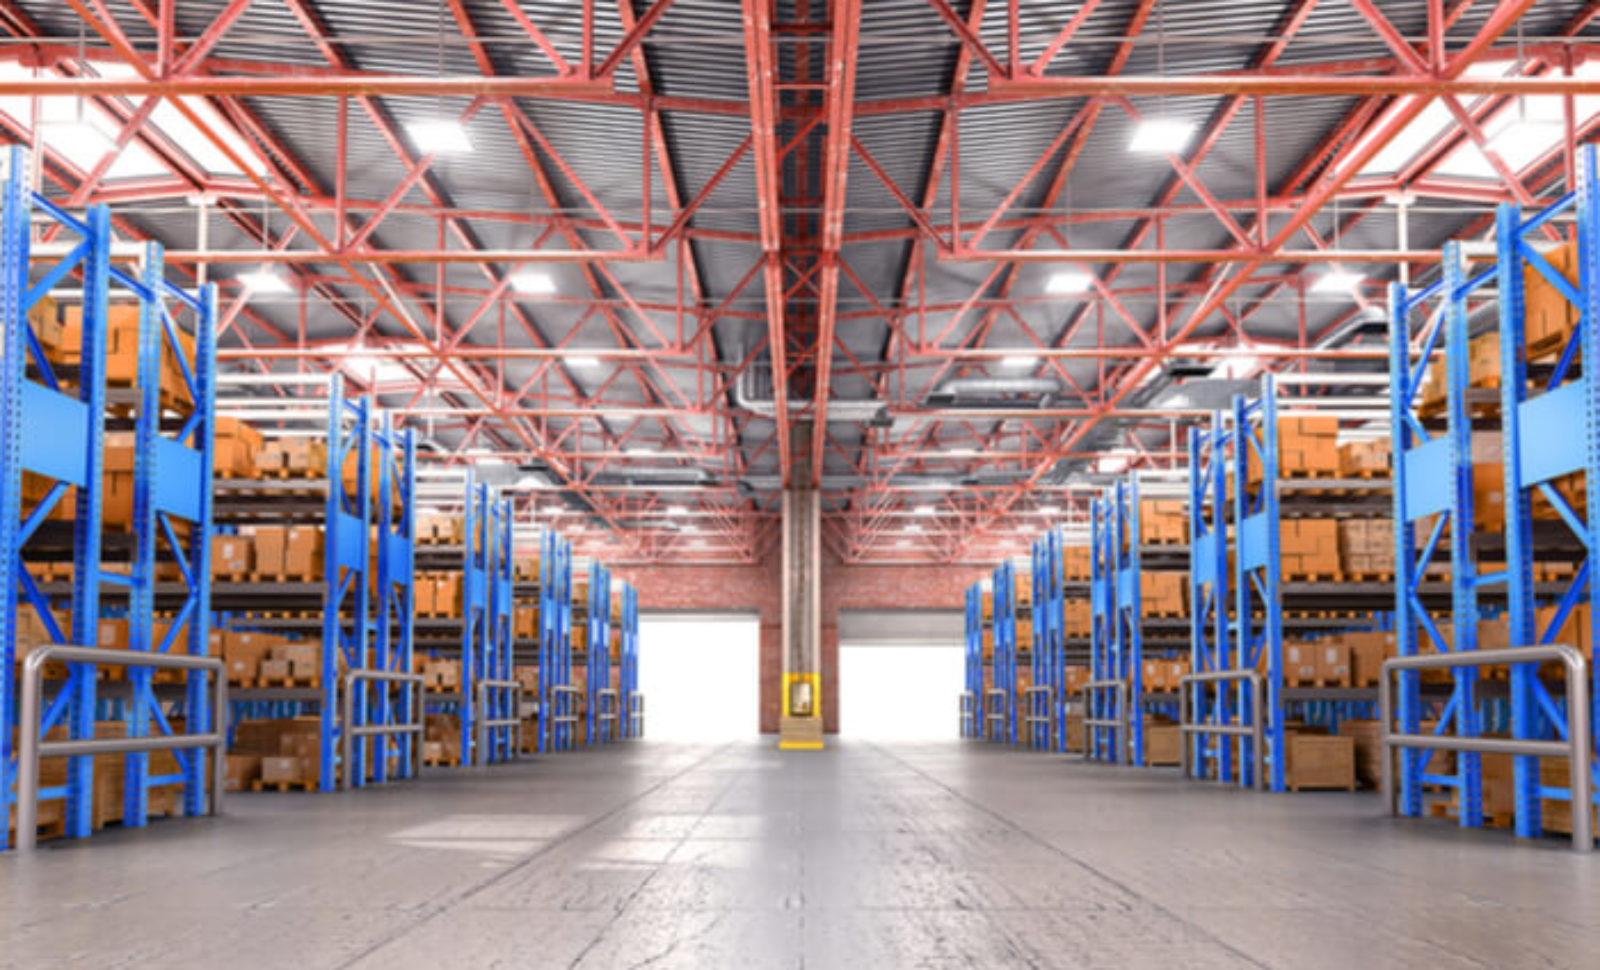 Knapp eine Million Quadratmeter Neubaufläche: Logistikimmobilienmarkt mit starkem ersten Quartal